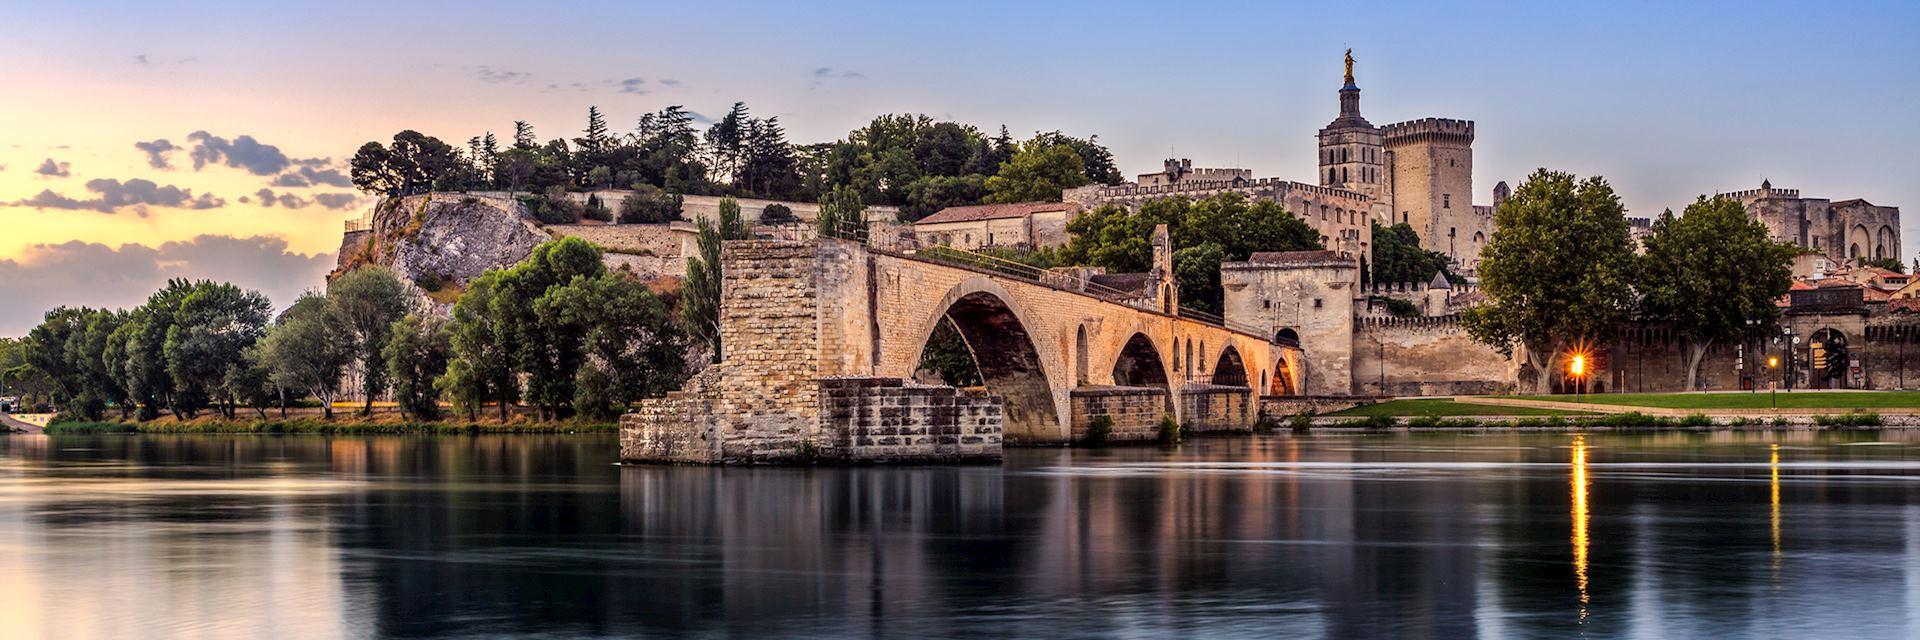 Pont Saint-Benezet at sunrise, Avignon